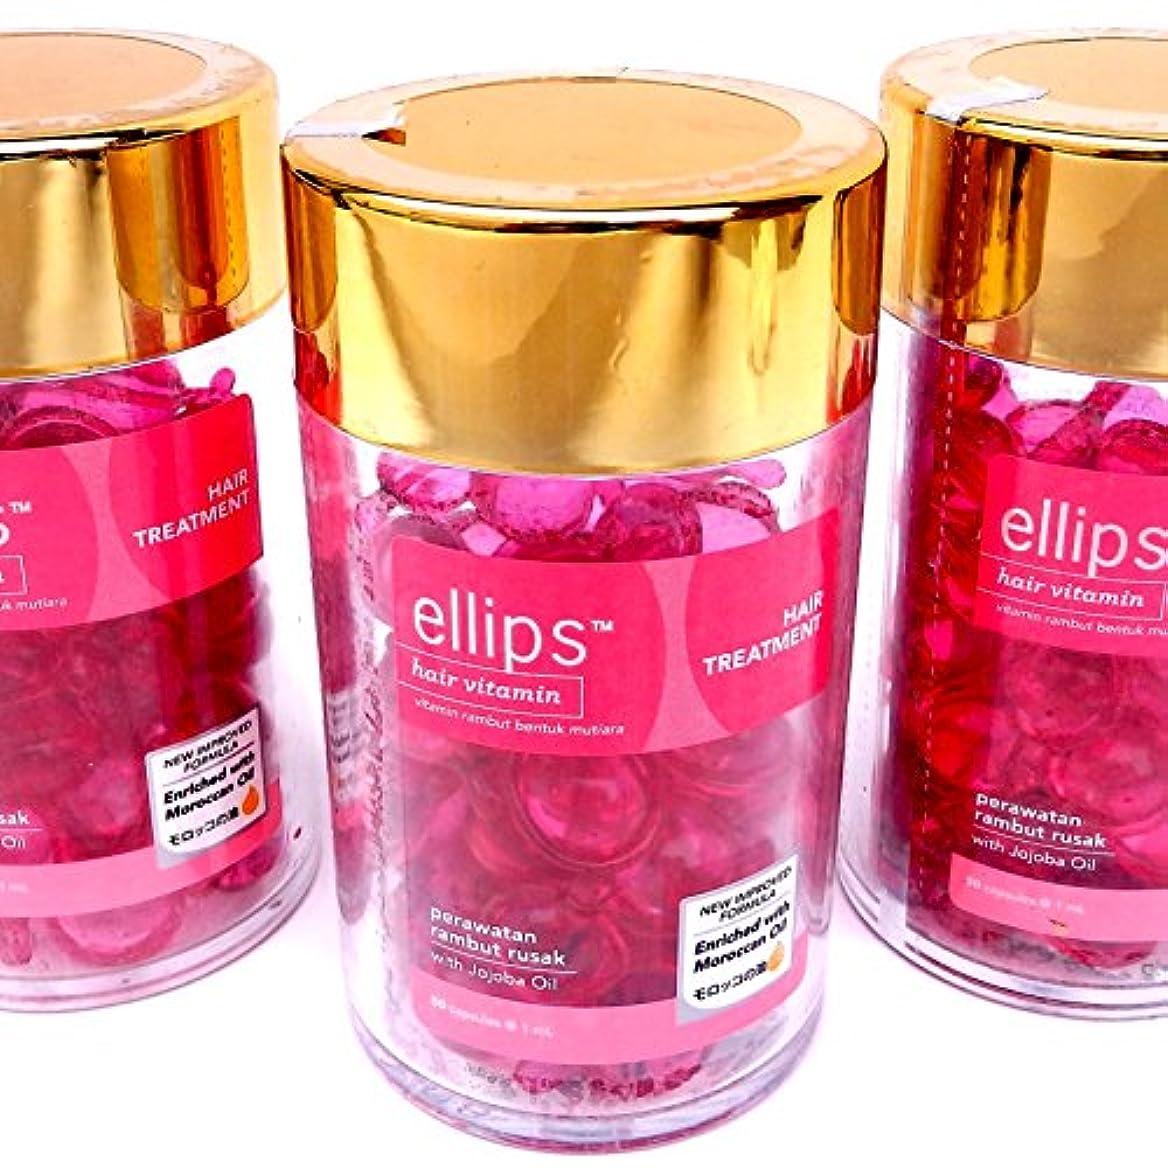 同情的説明磁器エリプス(Ellips) ヘアビタミン ピンク ボトル(50粒入)× 3 個セット[並行輸入品]